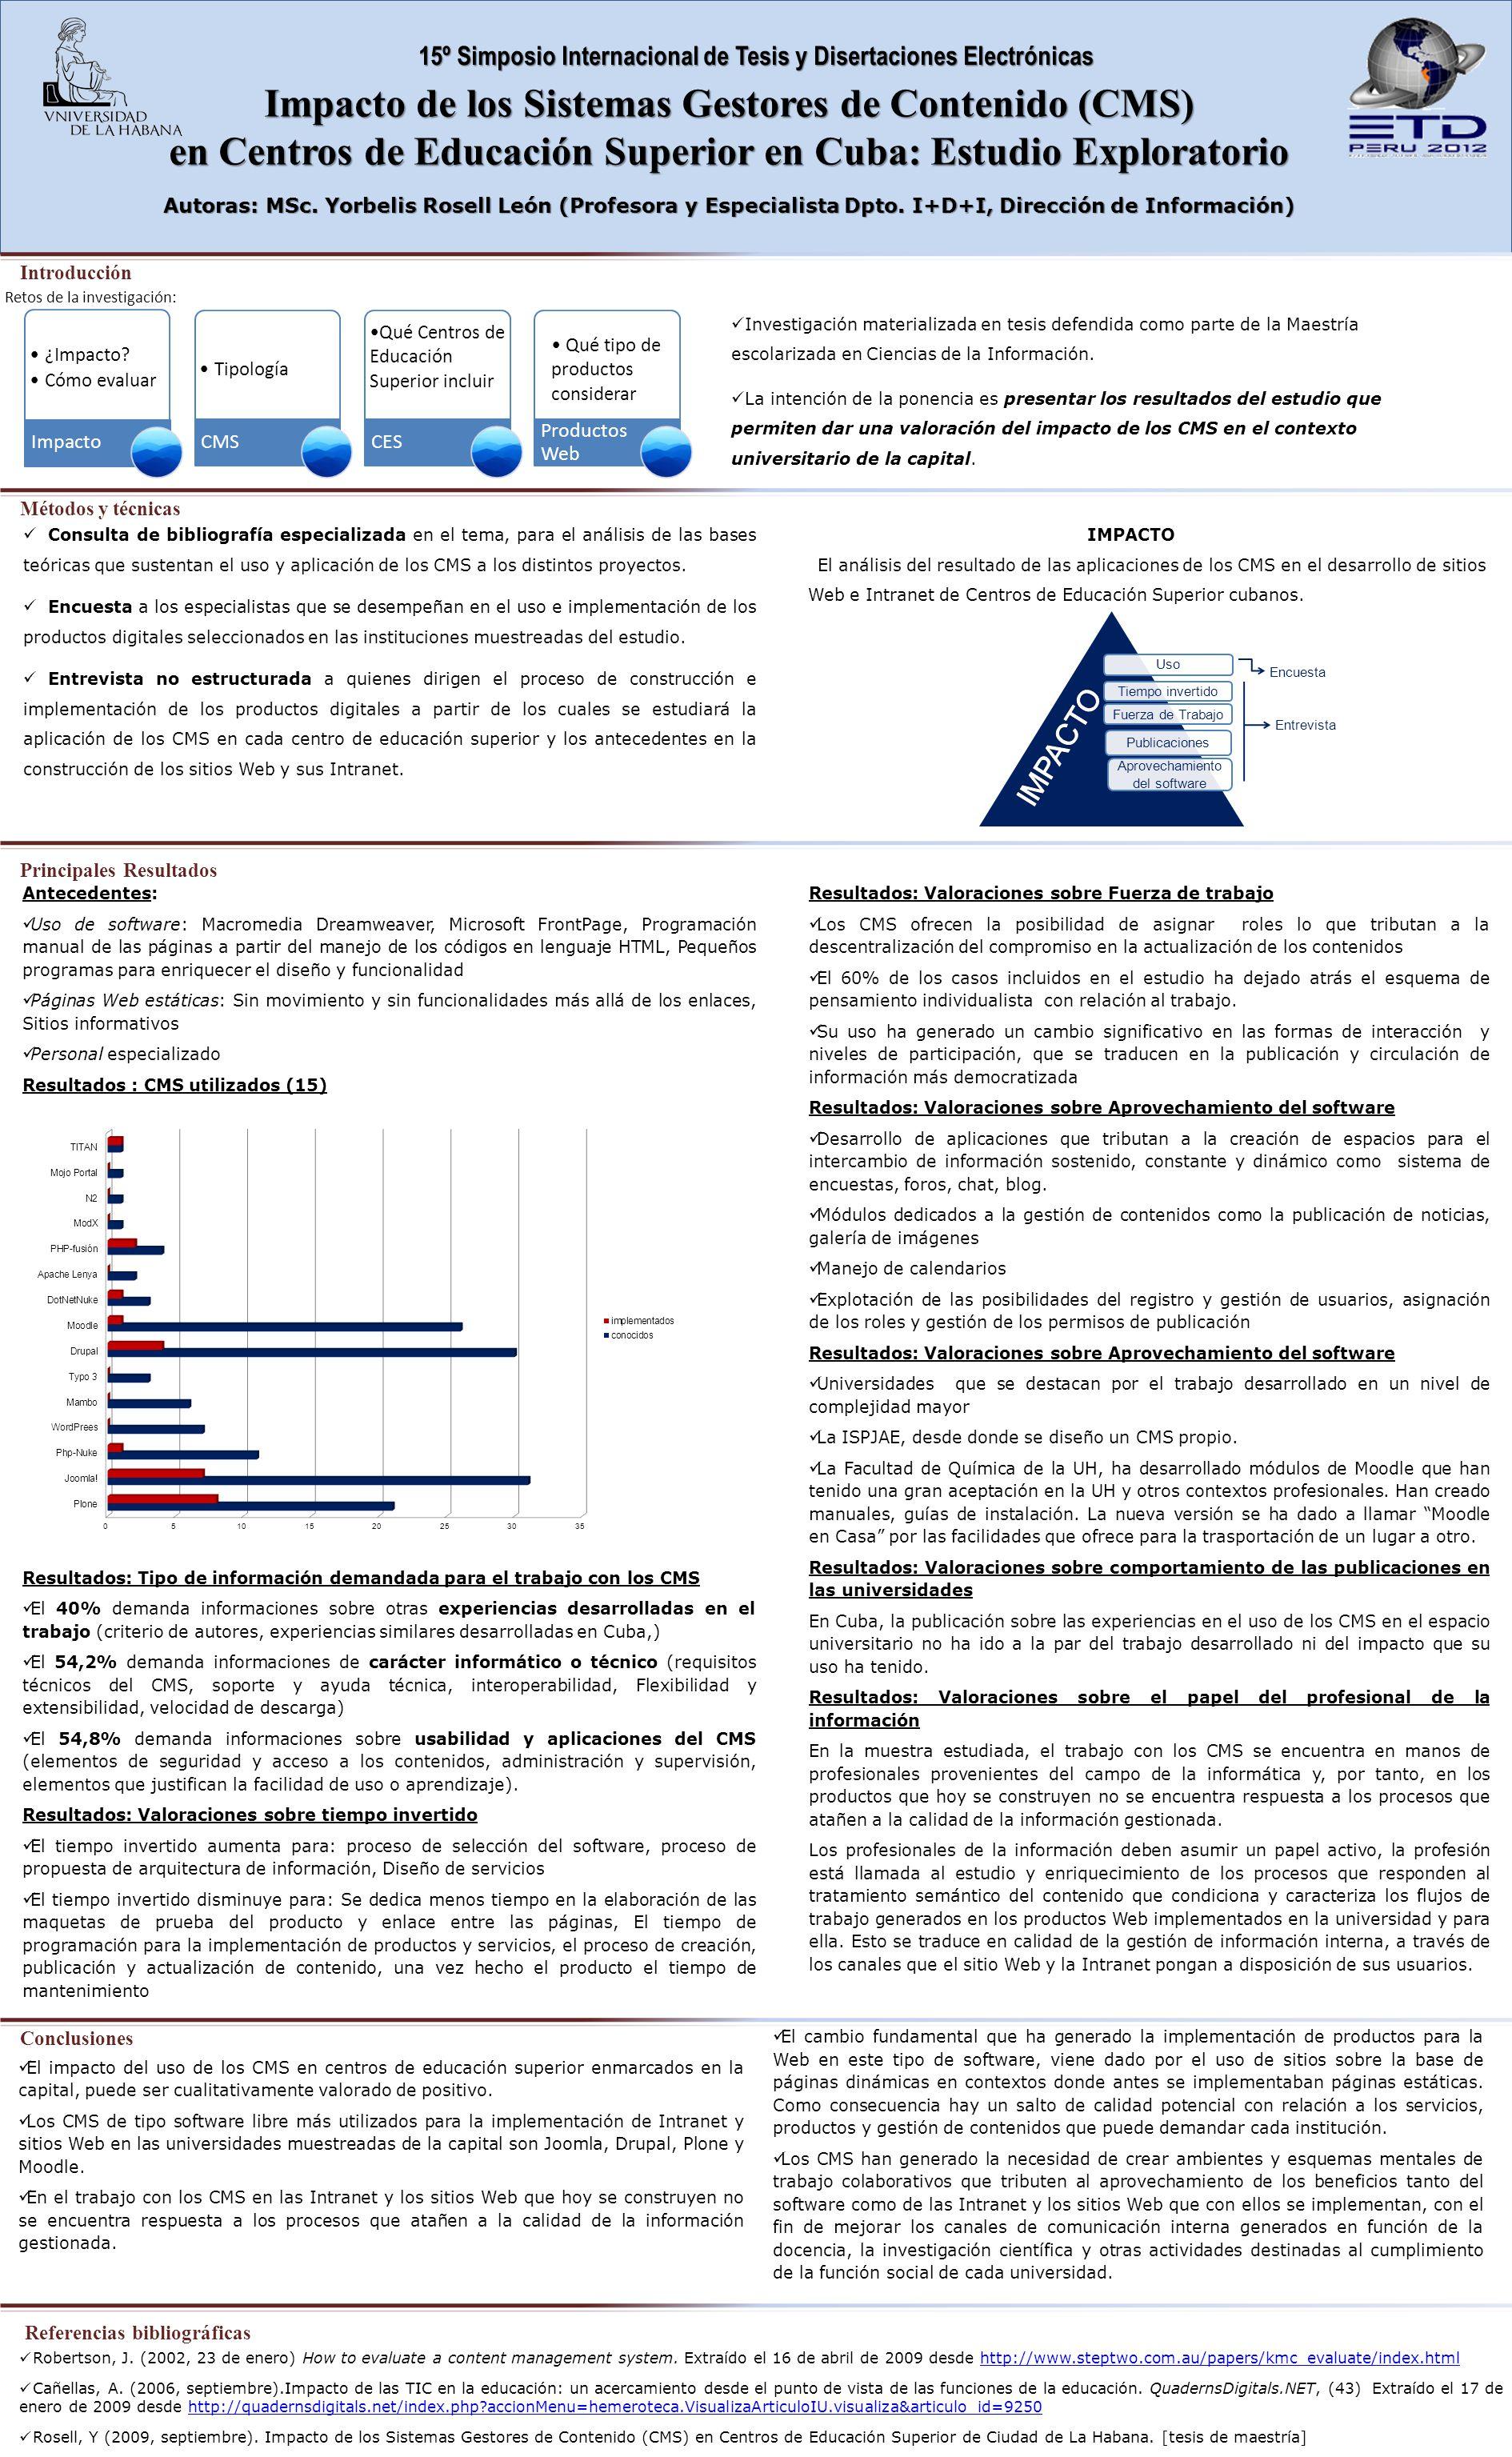 15º Simposio Internacional de Tesis y Disertaciones Electrónicas Impacto de los Sistemas Gestores de Contenido (CMS) en Centros de Educación Superior en Cuba: Estudio Exploratorio Autoras: MSc.